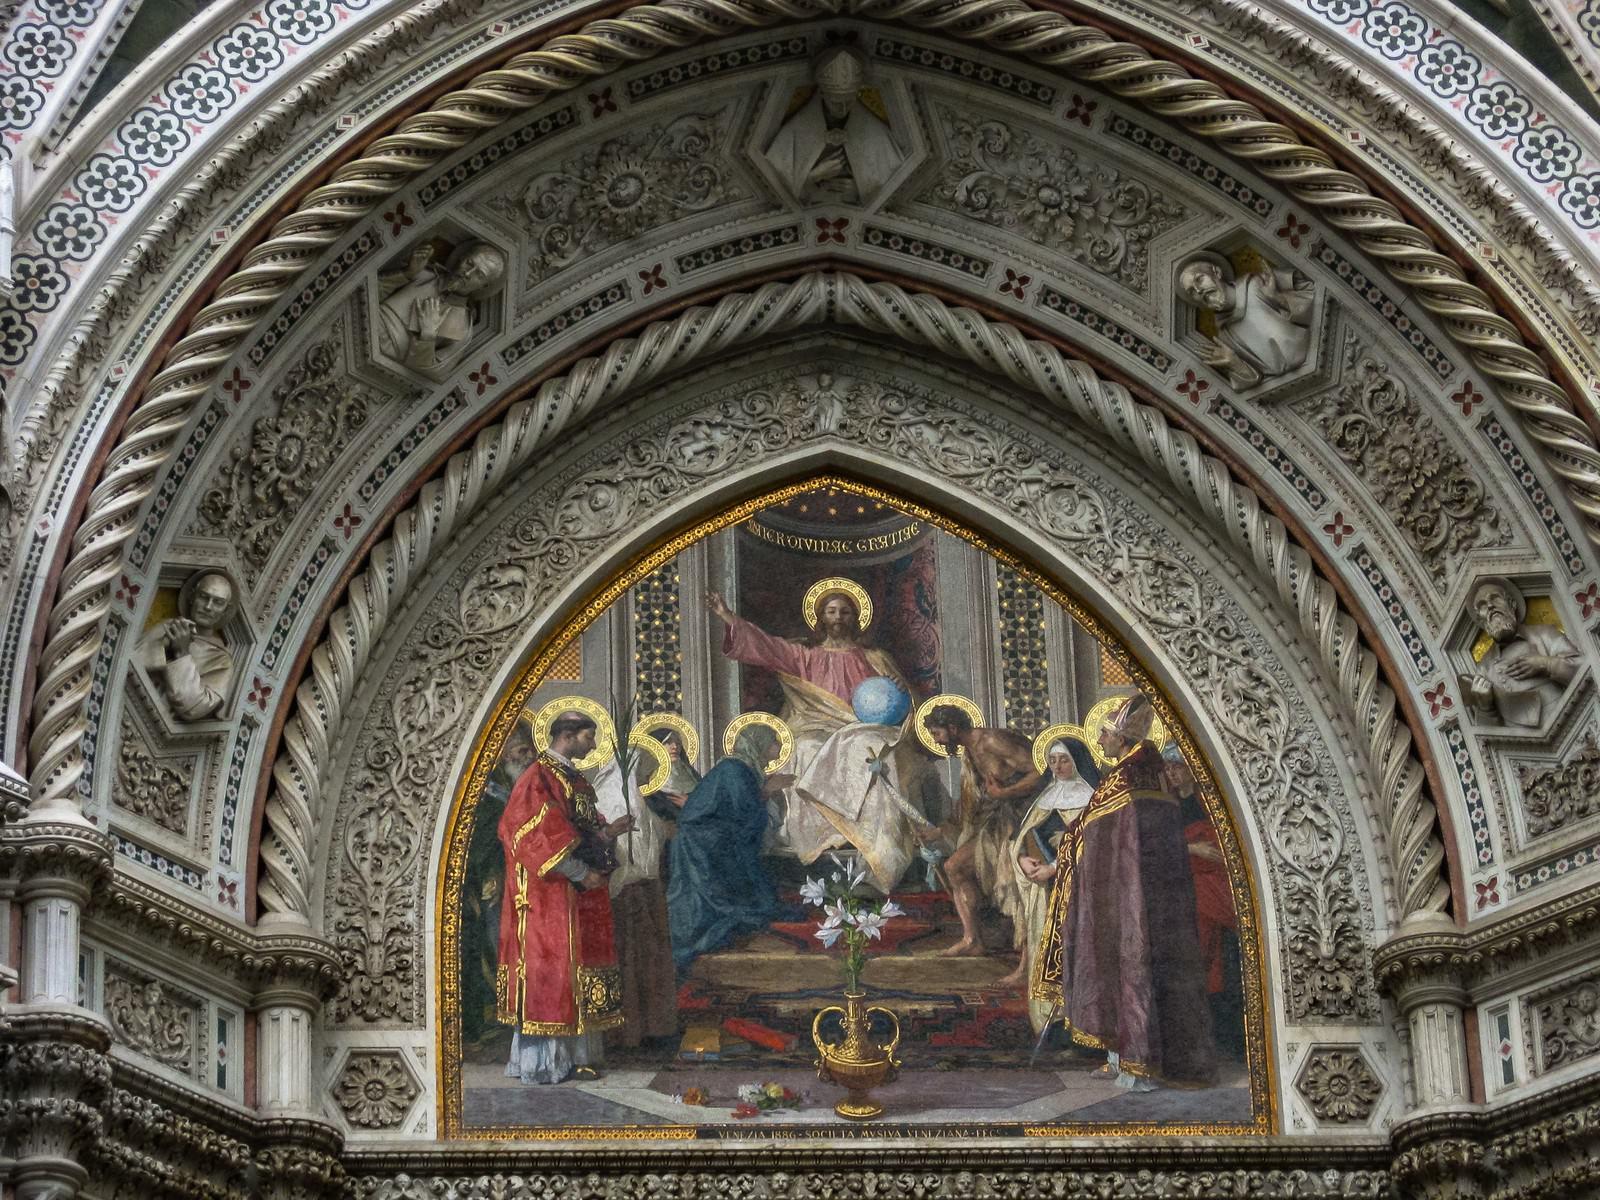 「サンタ マリア デル フィオーレ大聖堂の宗教画(イタリア)」の写真